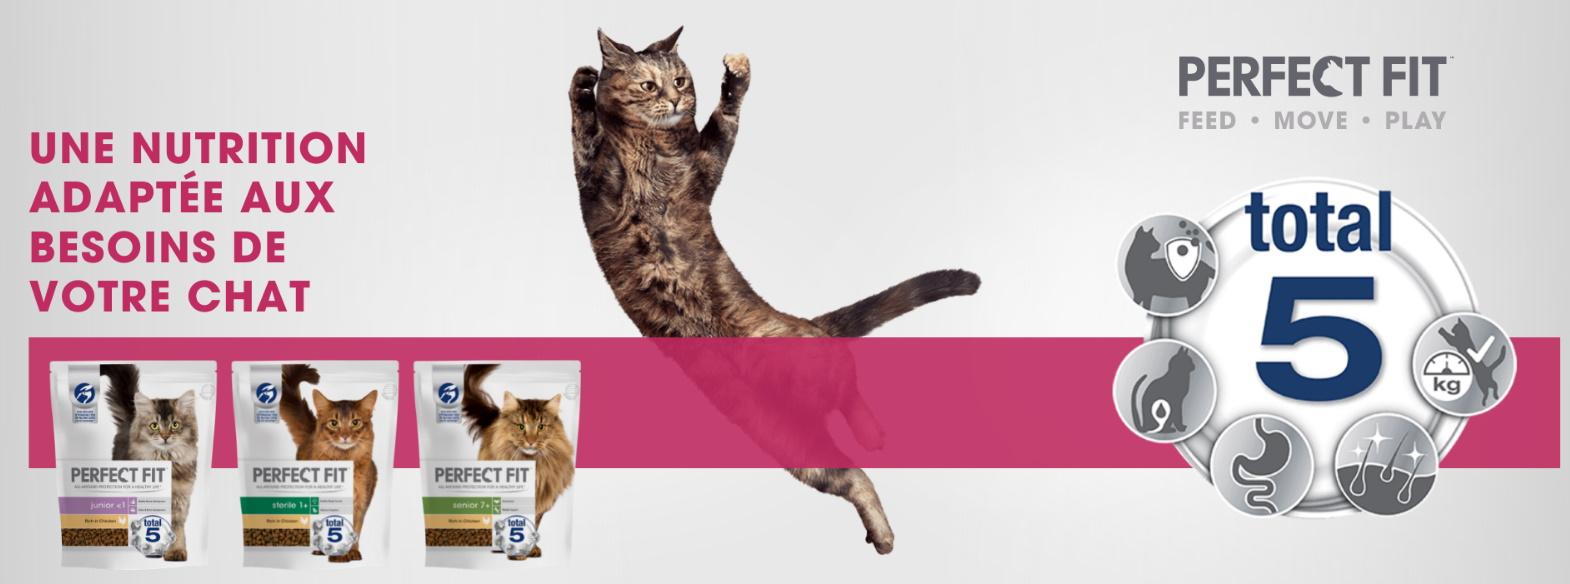 Test gratuit d'aliments pour chat Perfect Fit